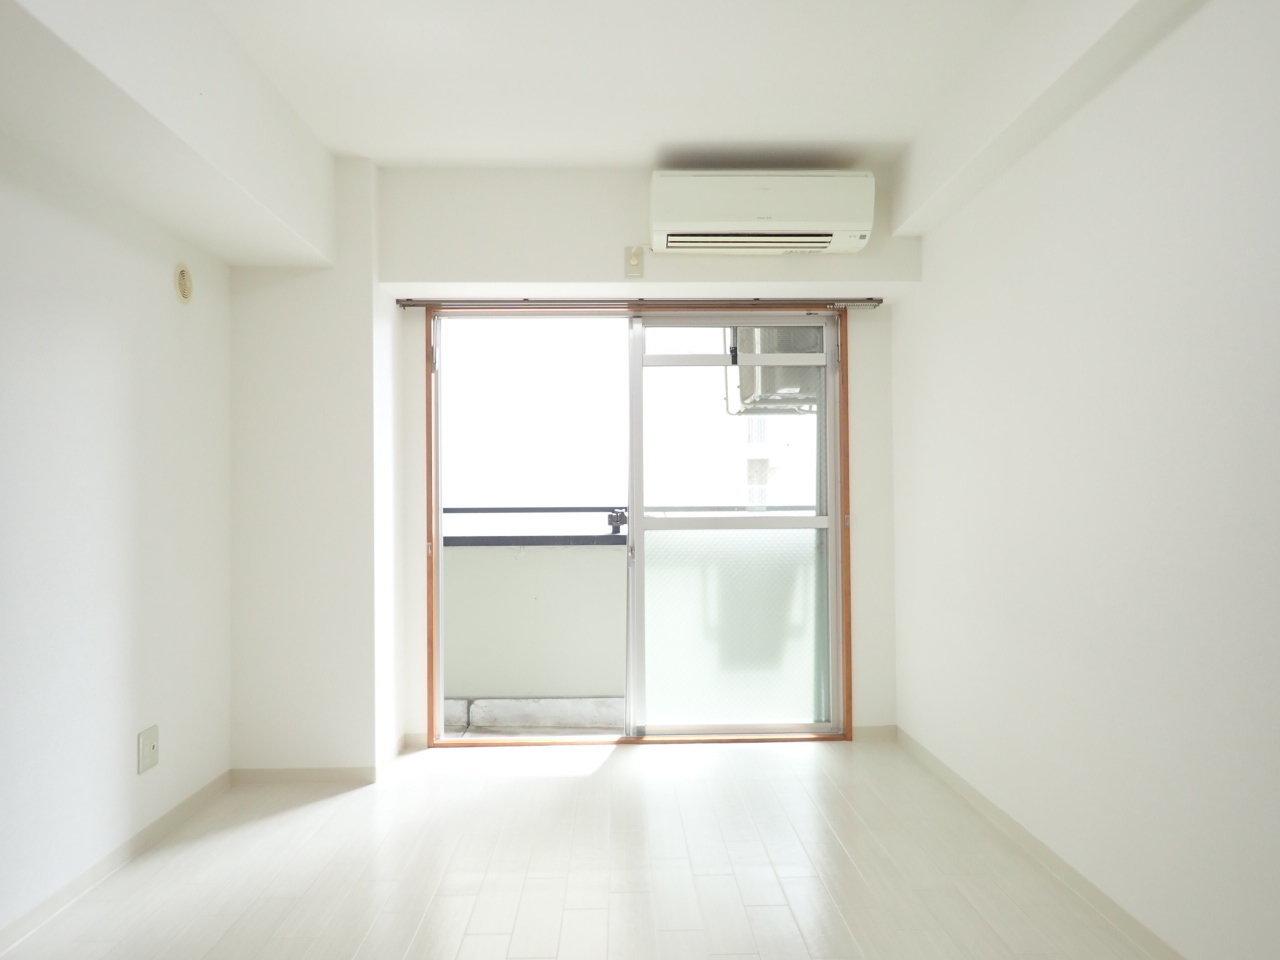 室内はシンプルな長方形。インテリアを配置するのにも使い勝手の良い、便利な形です。